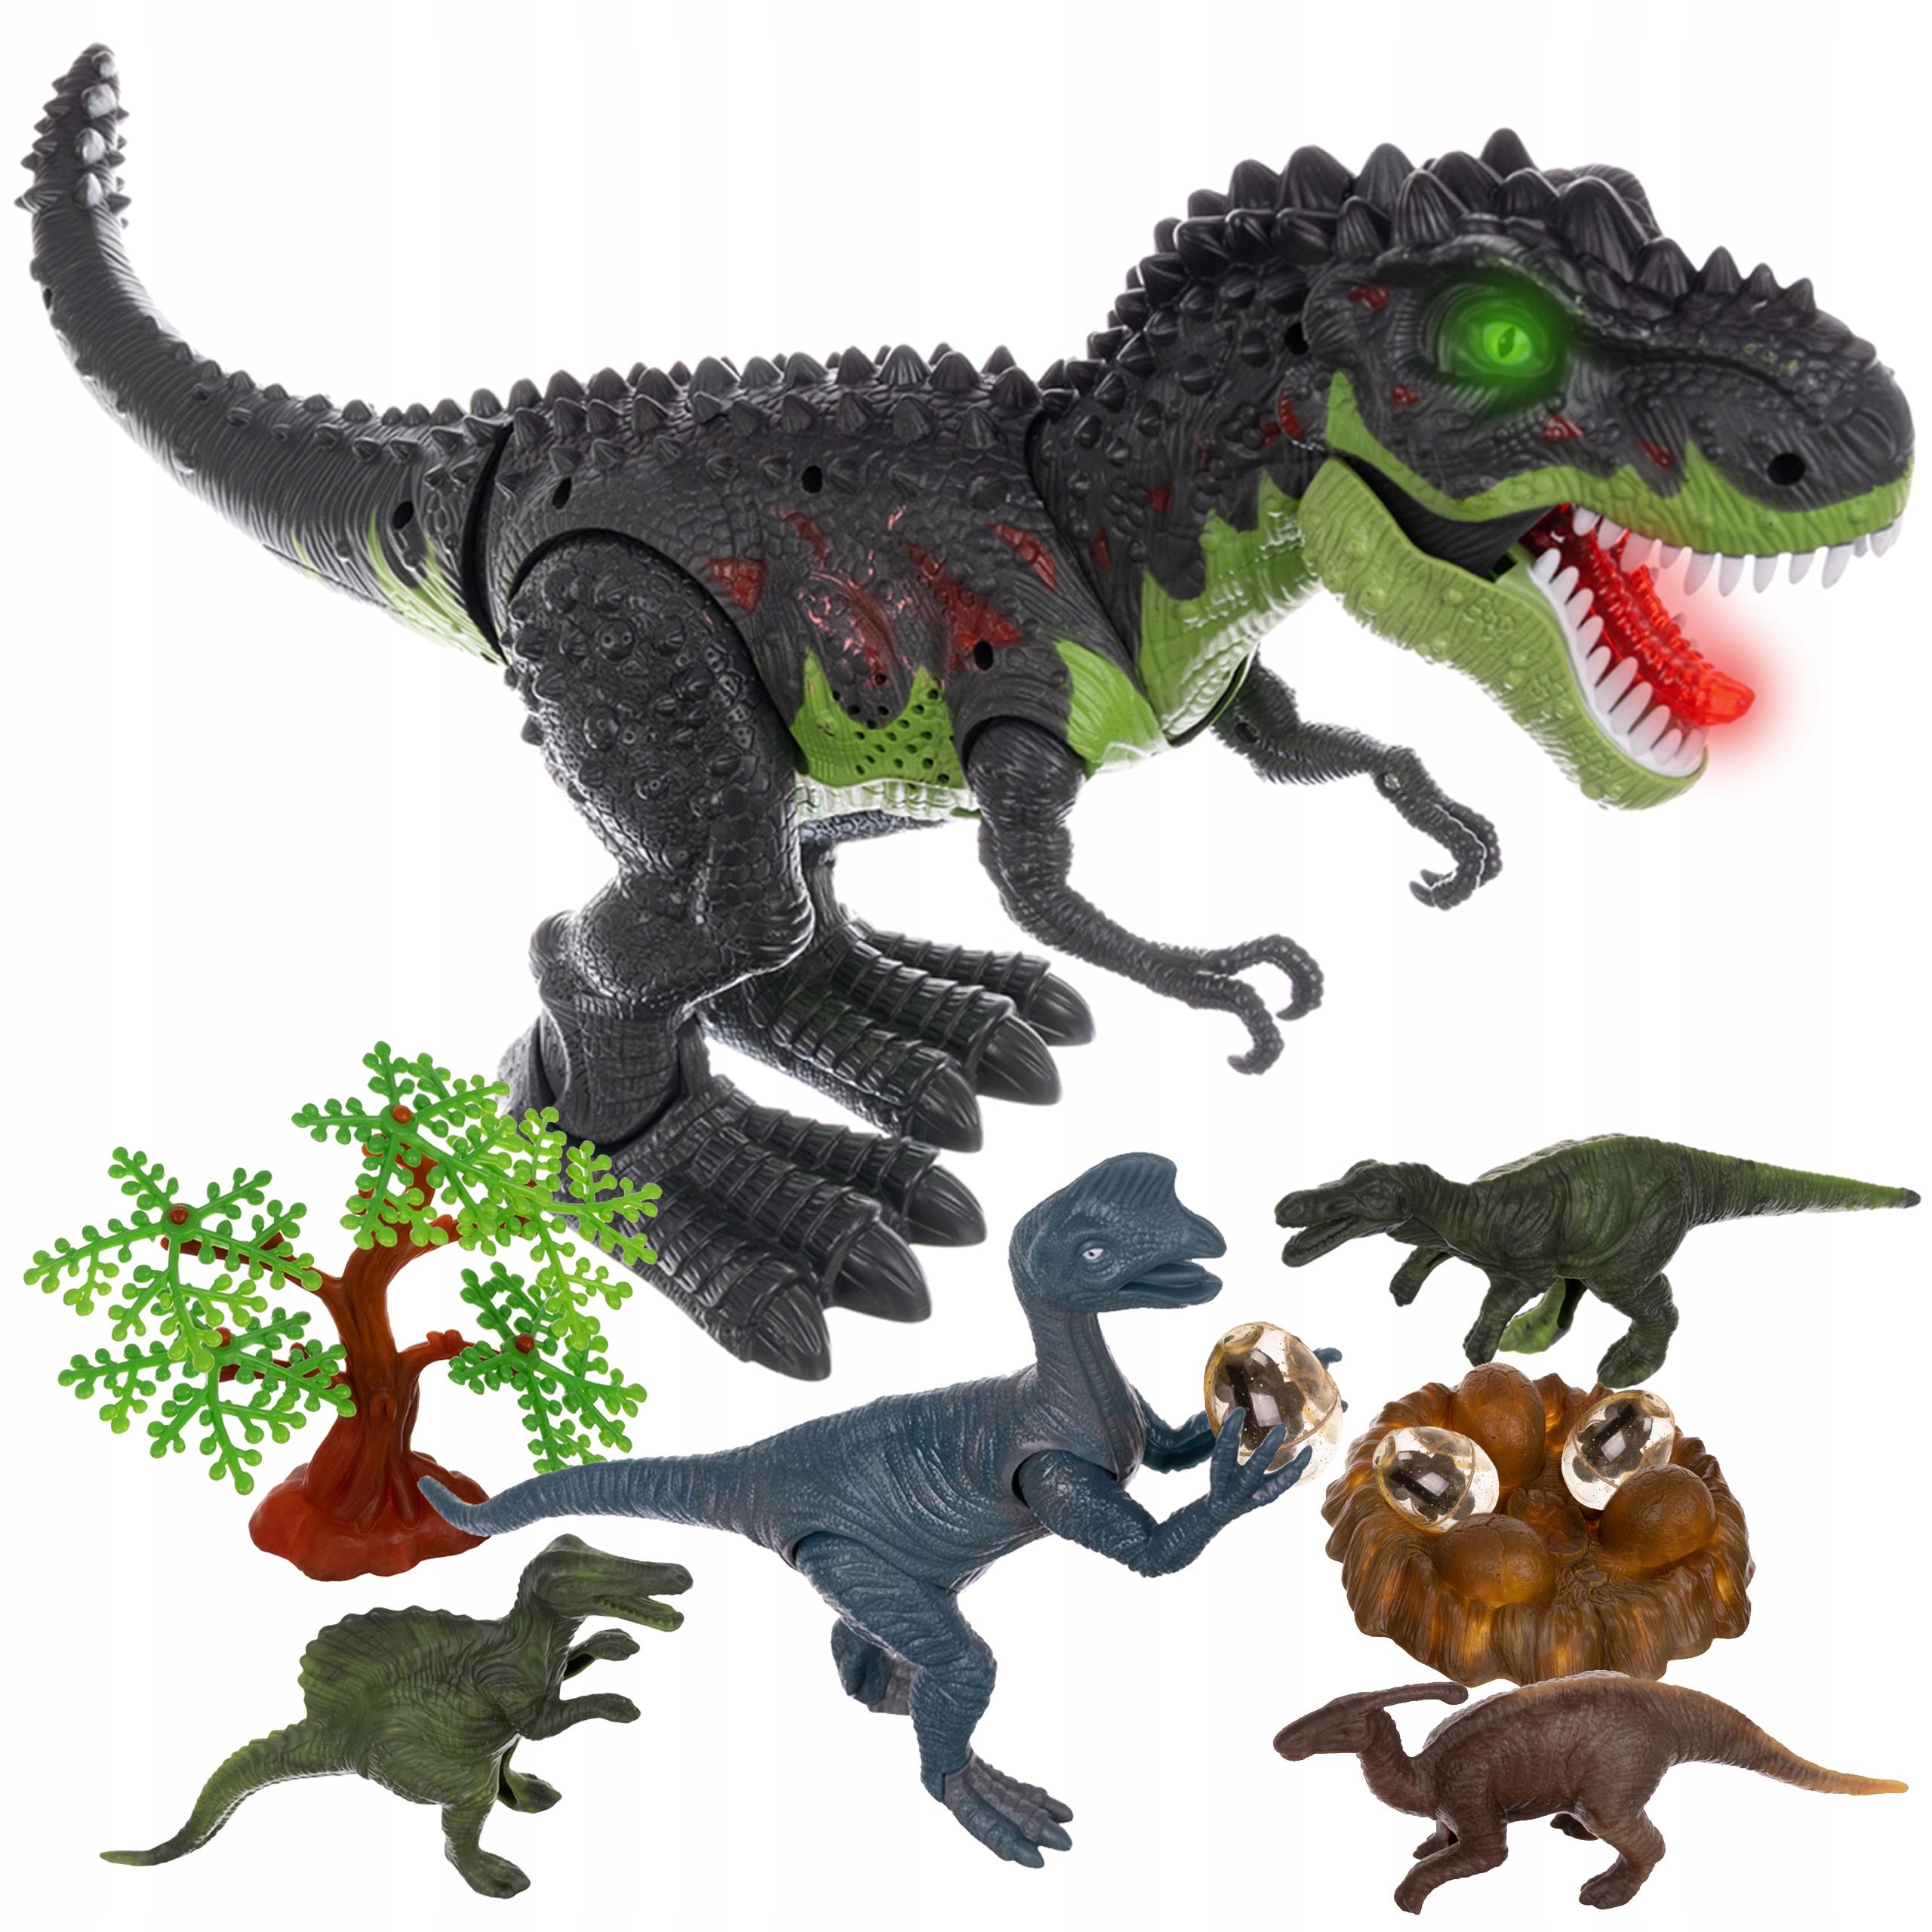 Mega Dinozaur T-Rex Chodzi Ryczy Świeci Znosi Jaja